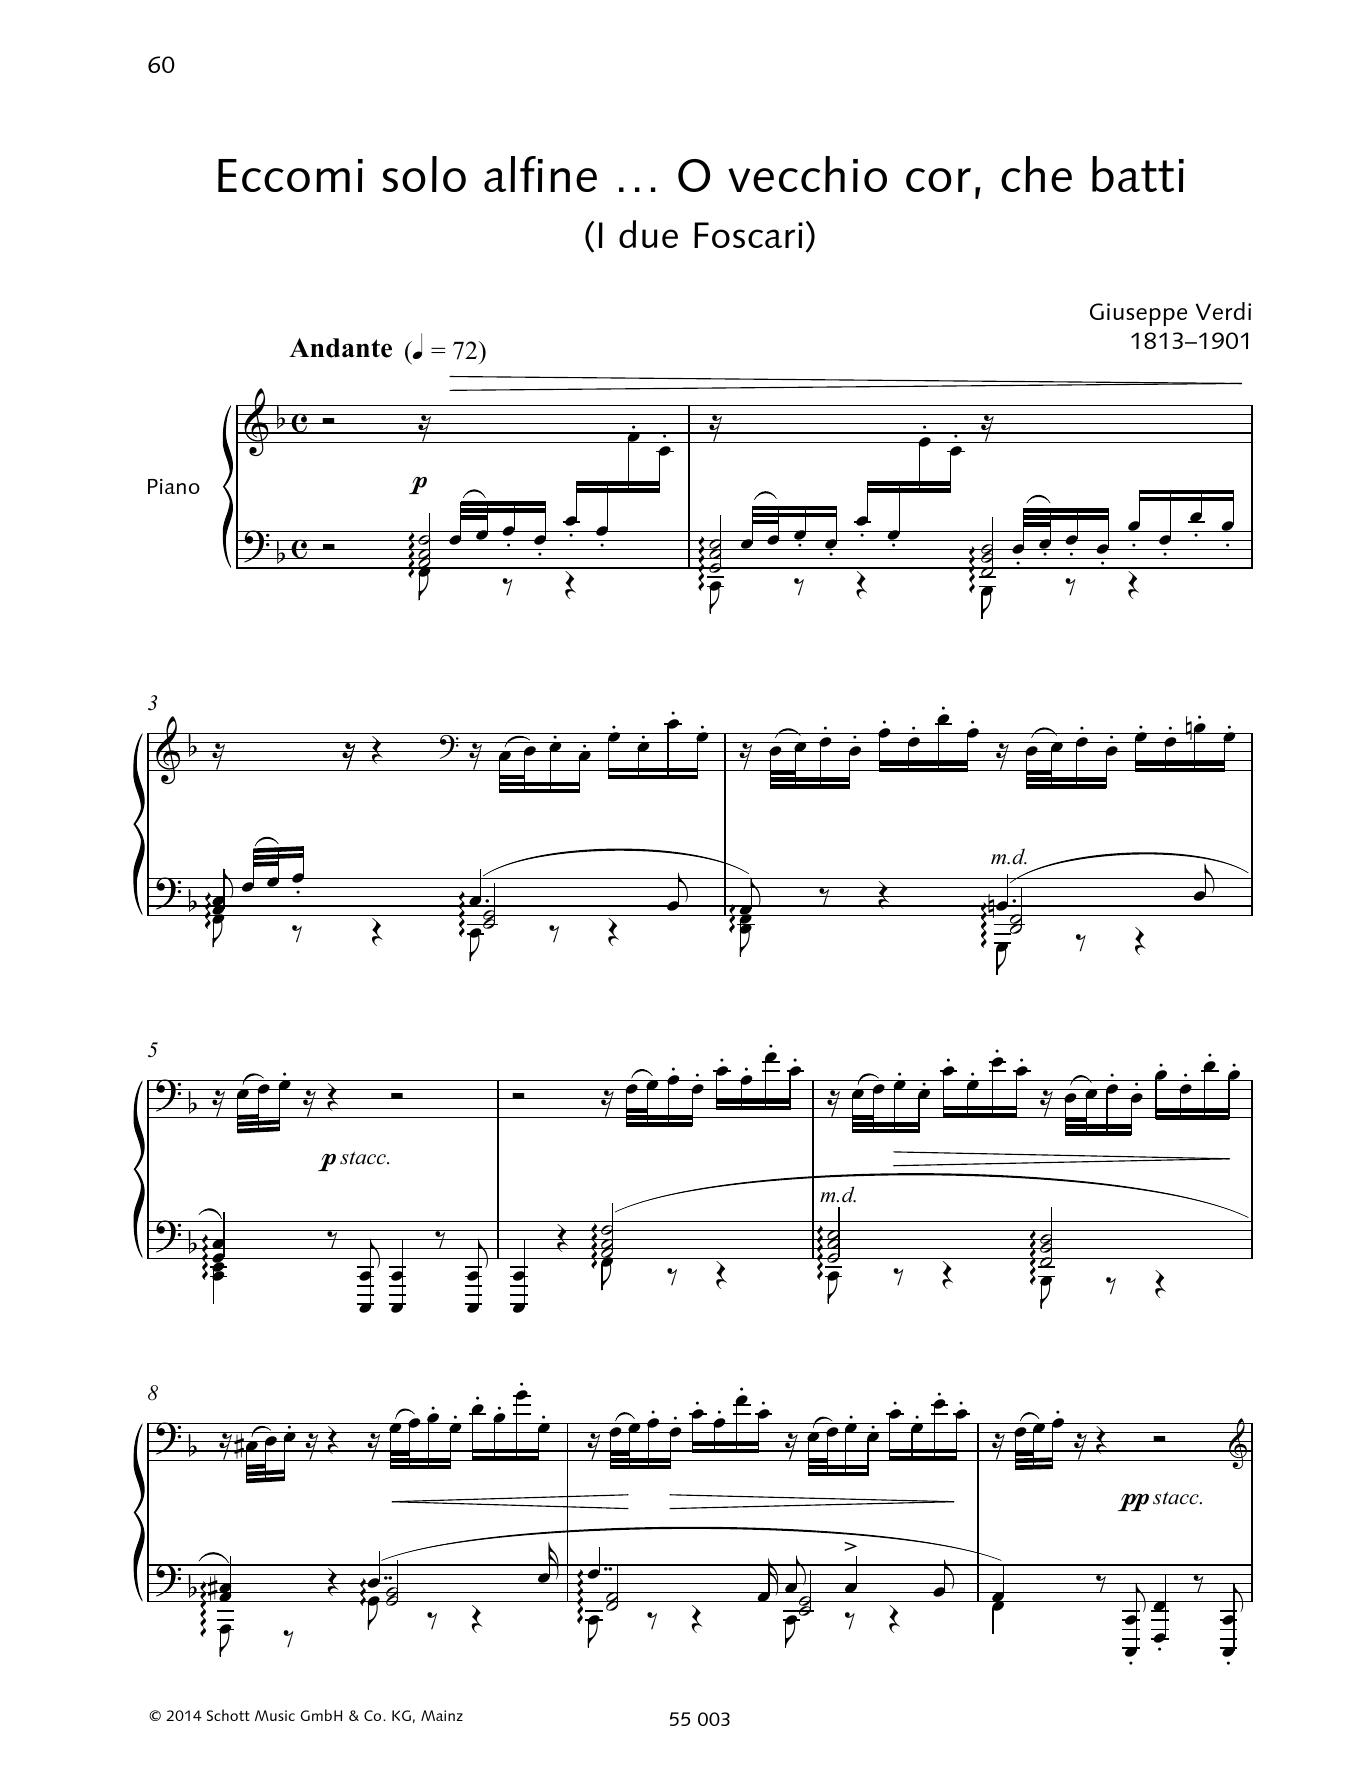 Giuseppe Verdi - Eccomi solo alfine ... O vecchio cor, che batti